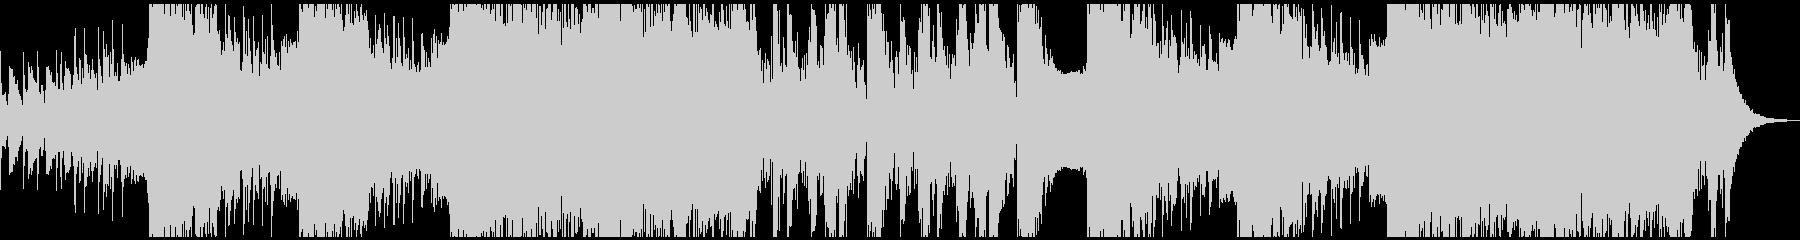 コーポレート 移動 シンセサイザー...の未再生の波形